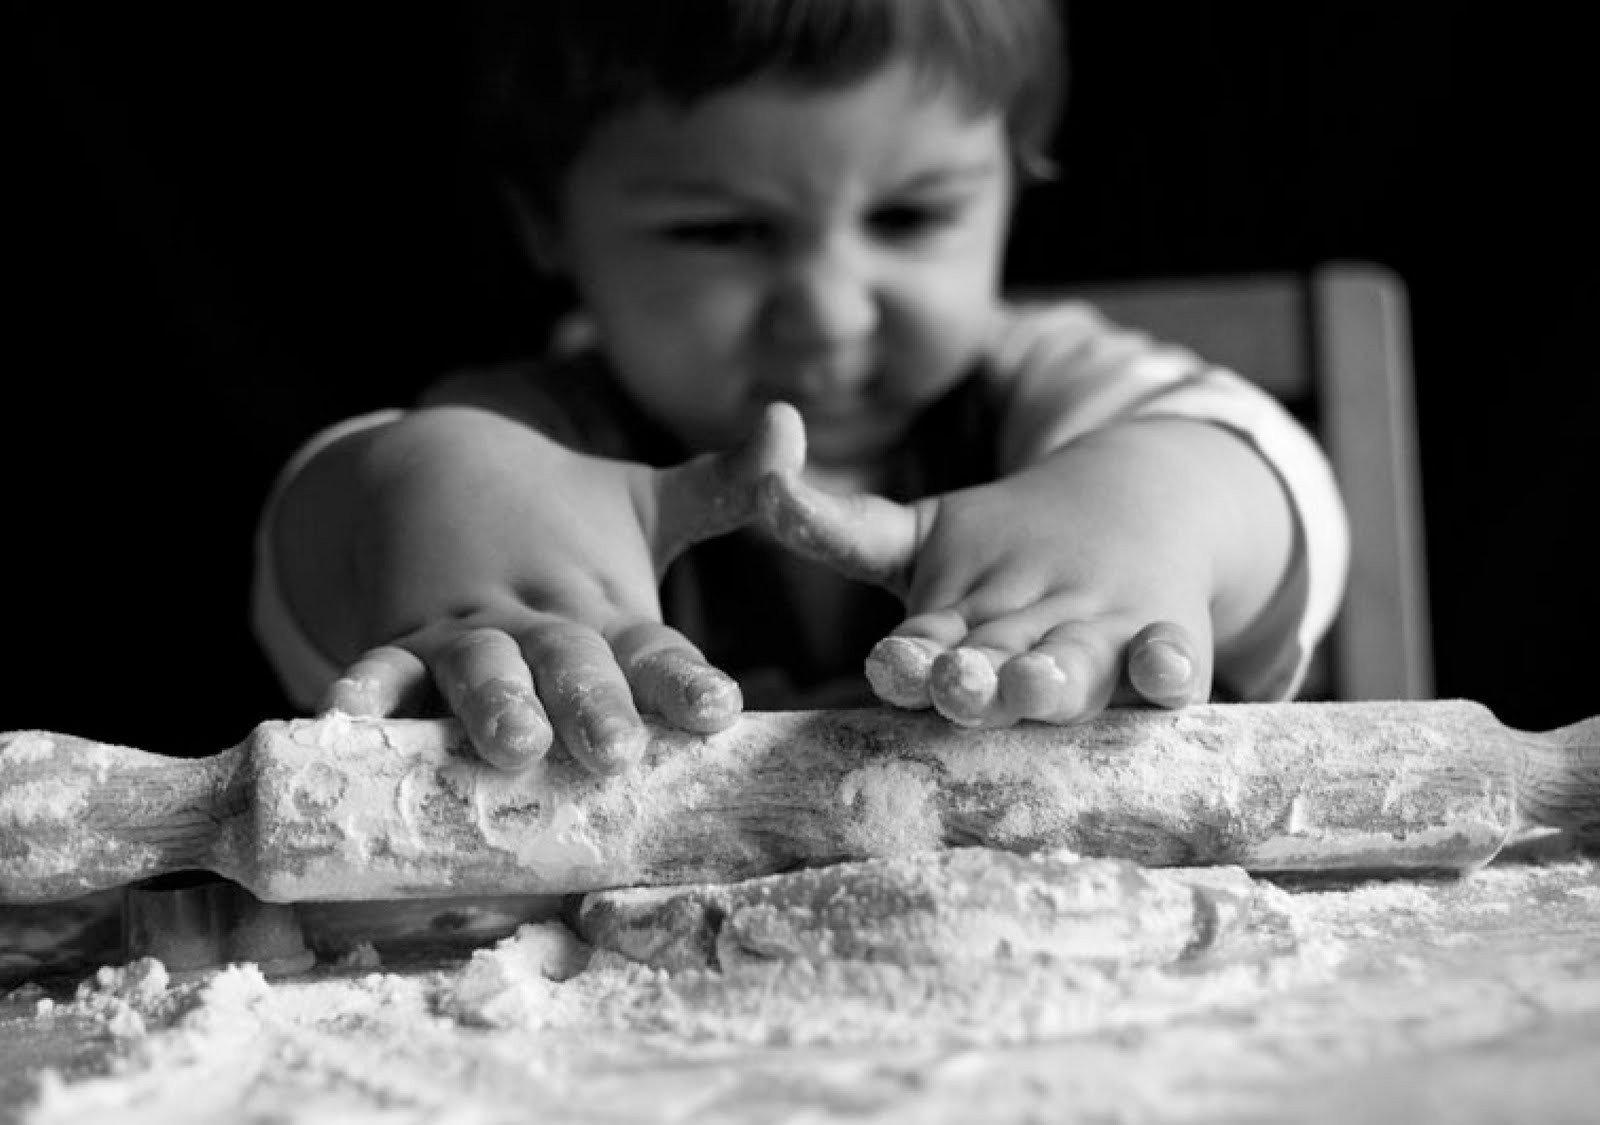 Come intrattenere e giocare in casa con bambini piccoli dai 12 mesi in su